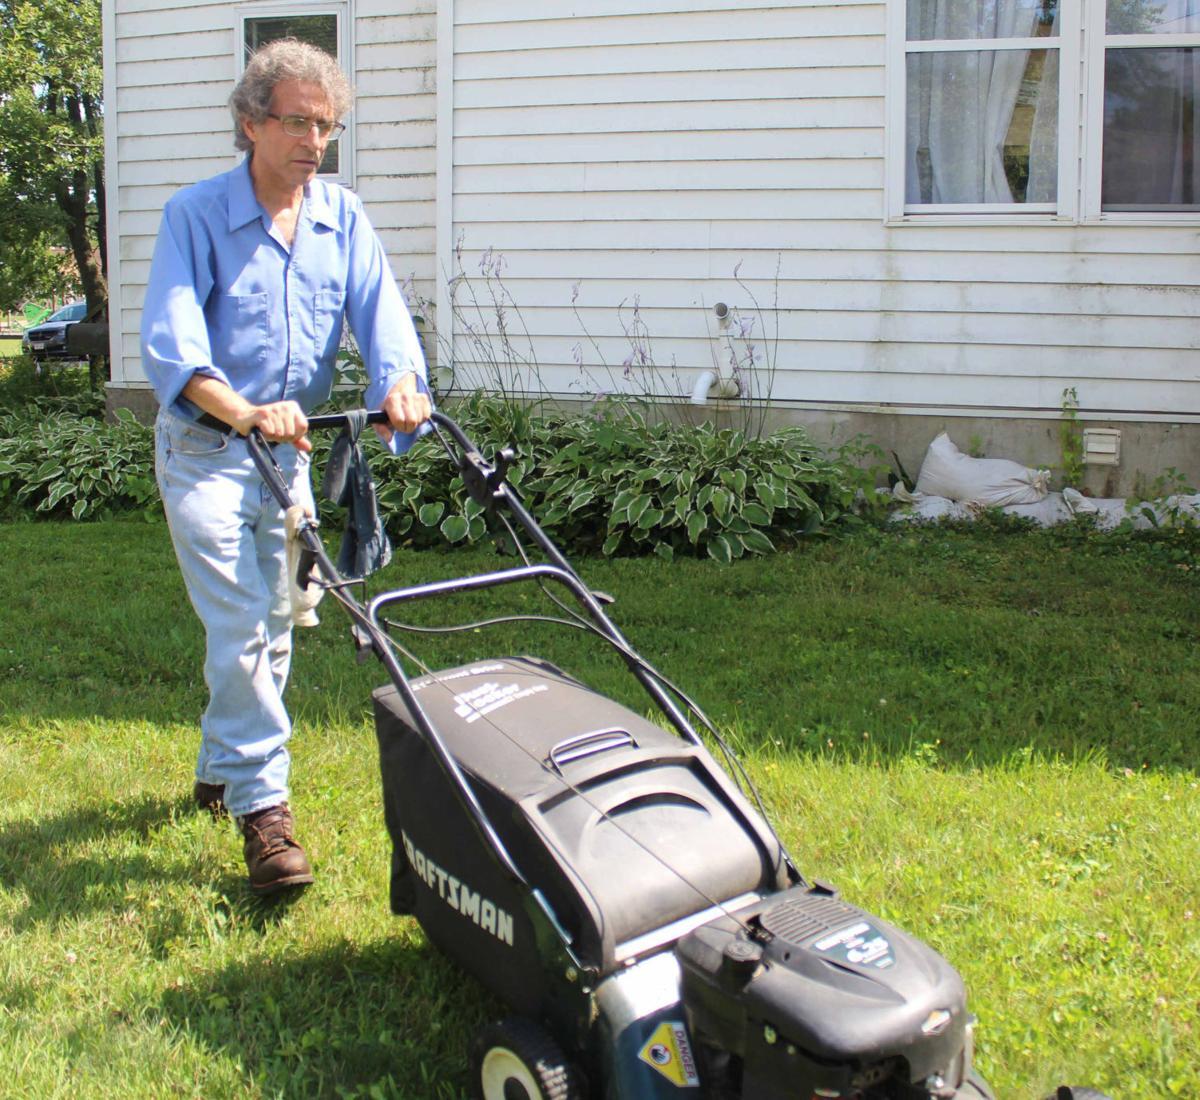 Dave mows lawn